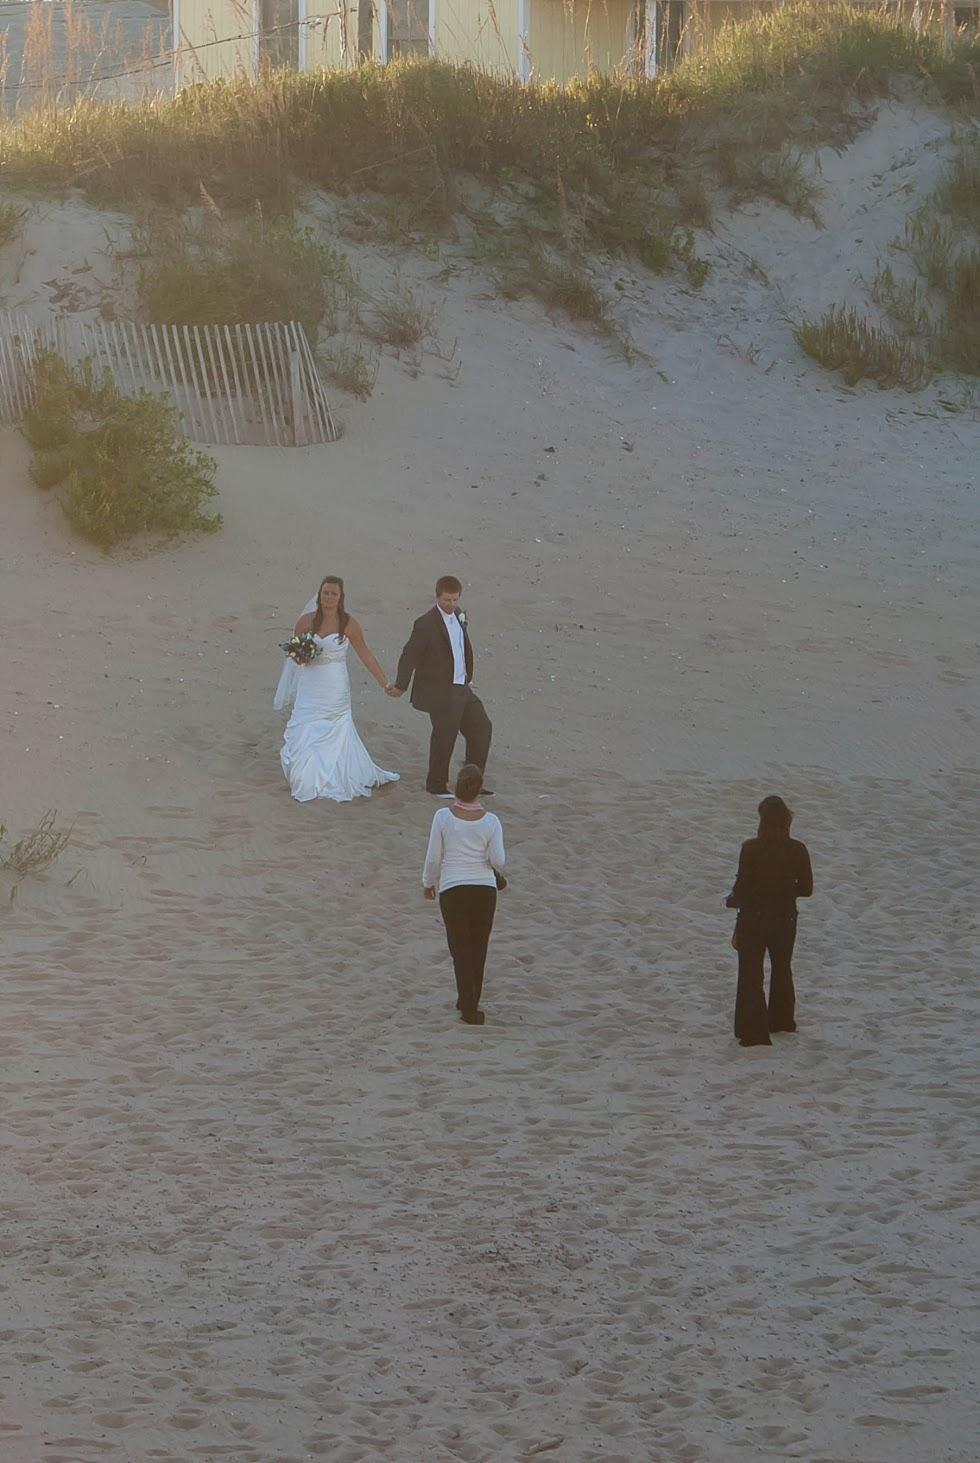 Brett+&+Jill-Wedding-185_DSK.jpg